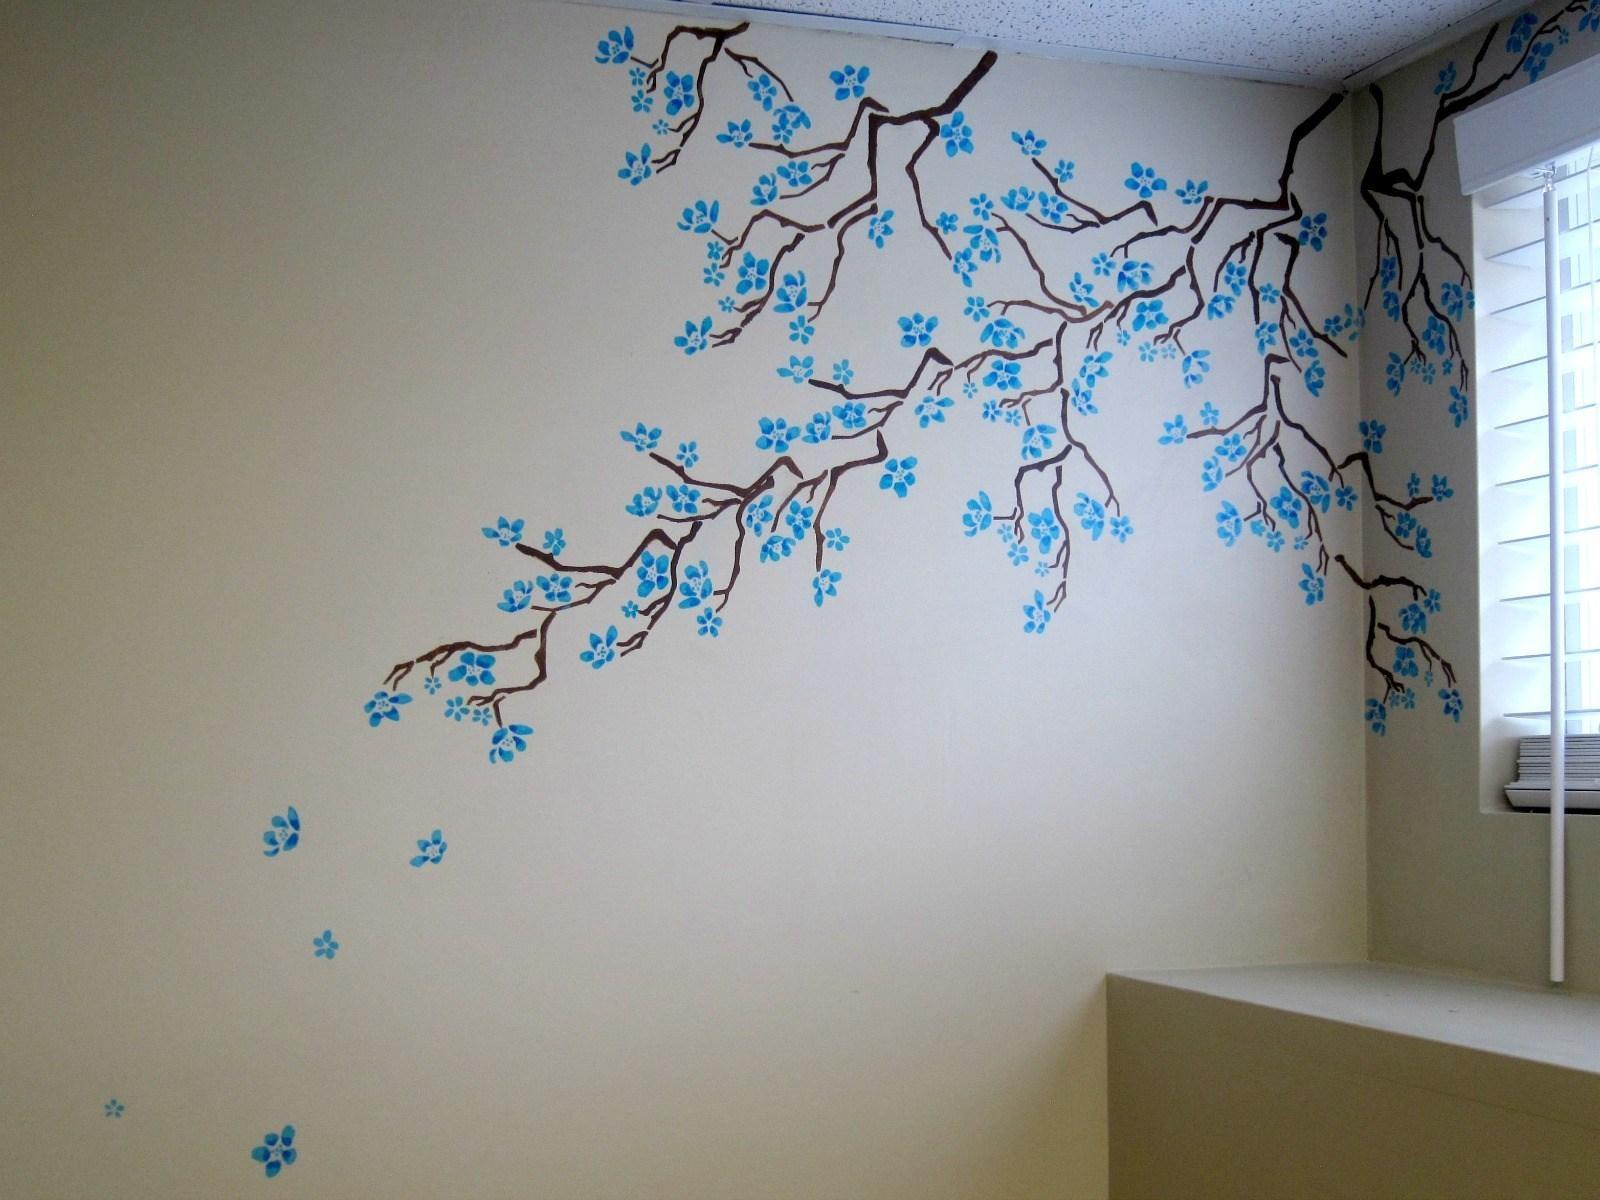 Дерево сакуры на стене своими руками как нарисовать 31